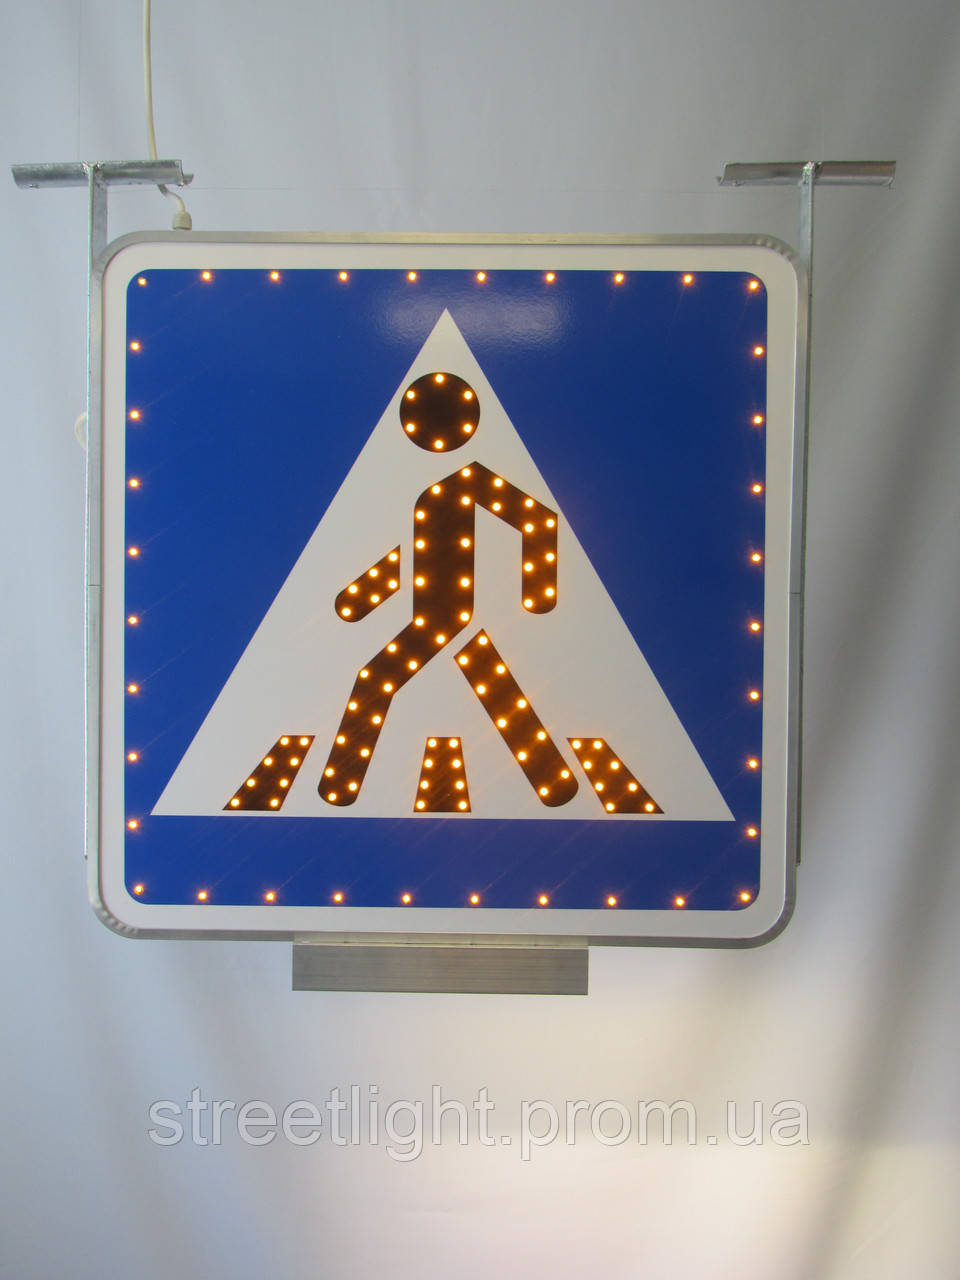 Світлодіодний дорожний знак «Пішохідний перехід» двосторонній зі світильником